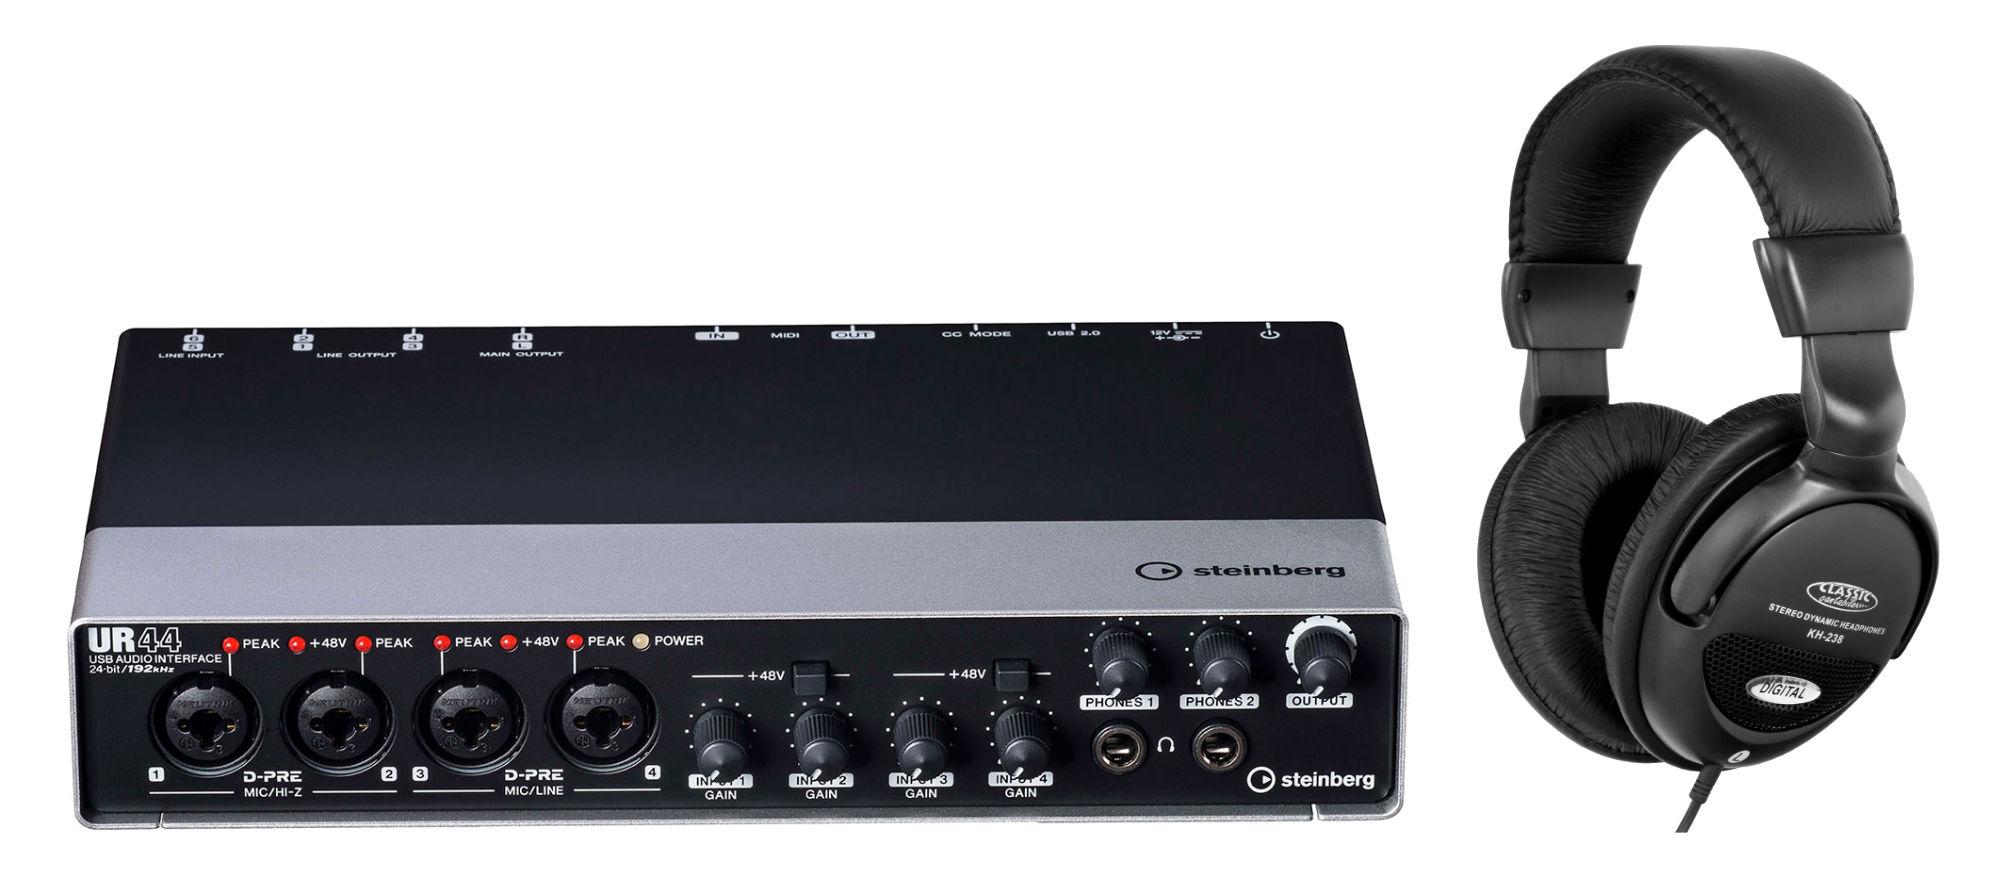 Pchardware - Steinberg UR44 USB Audio Interface Set - Onlineshop Musikhaus Kirstein